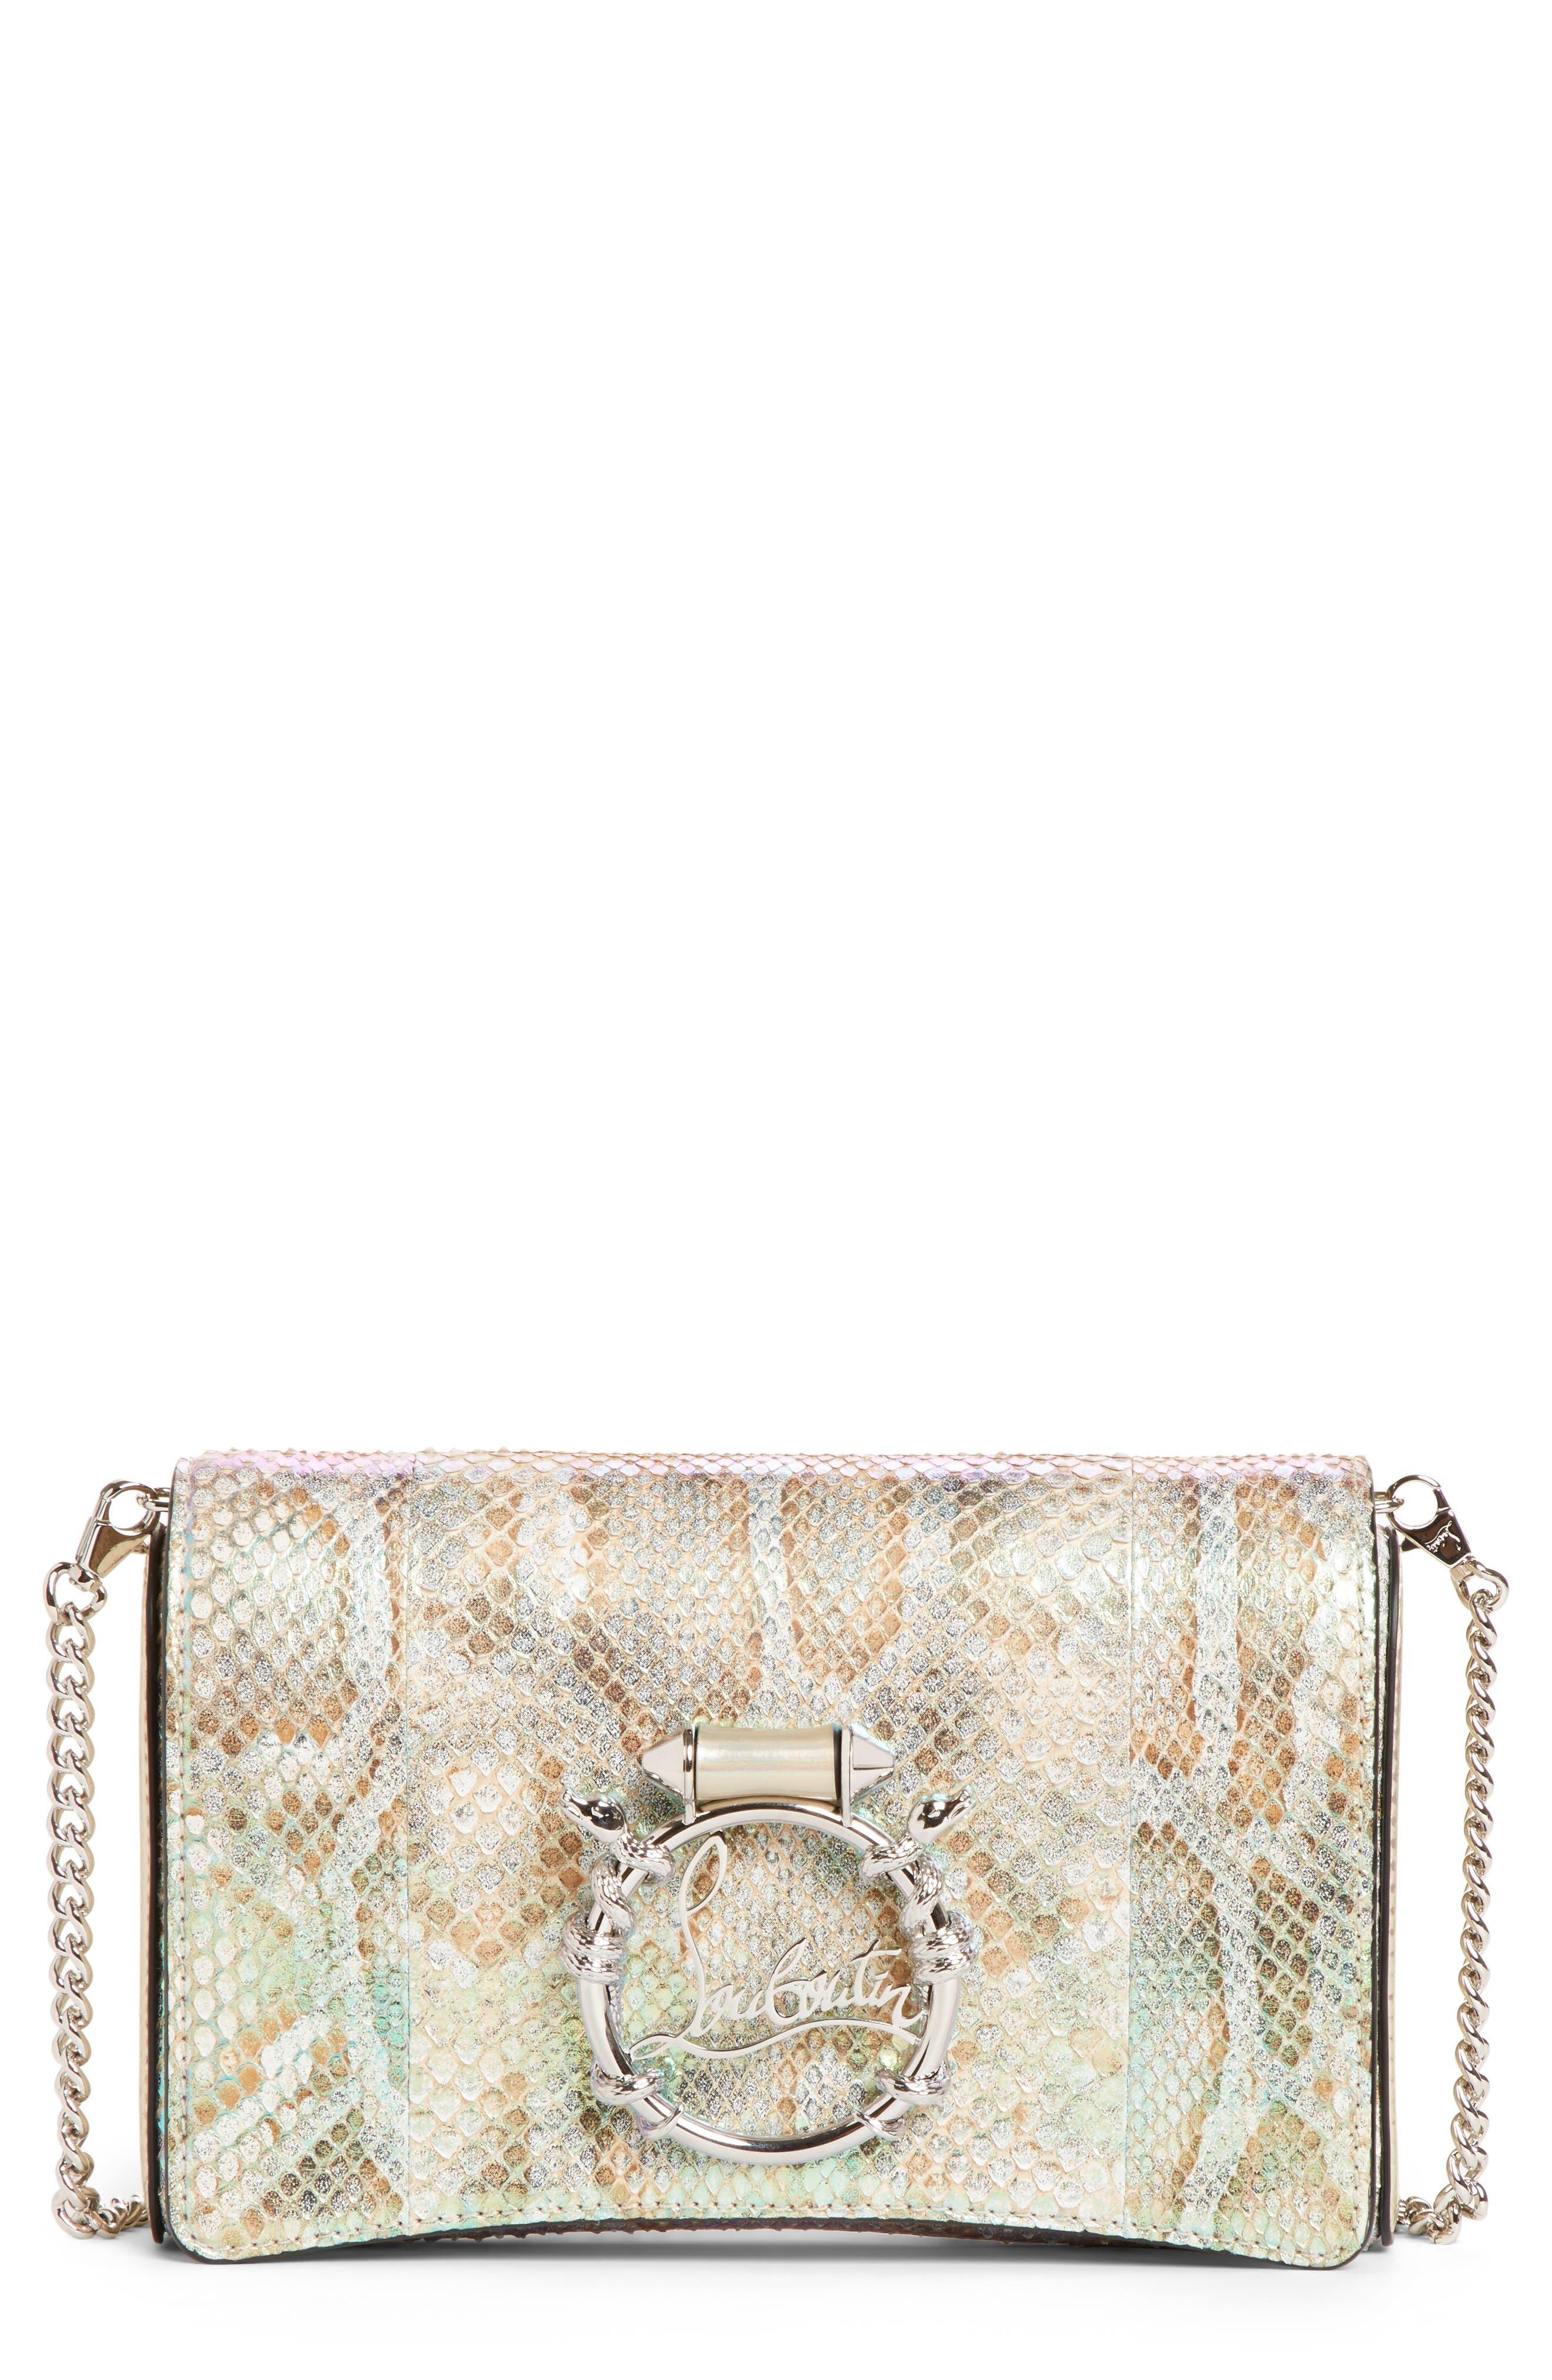 65b72f45673a Women's Designer Handbags & Wallets | Nordstrom